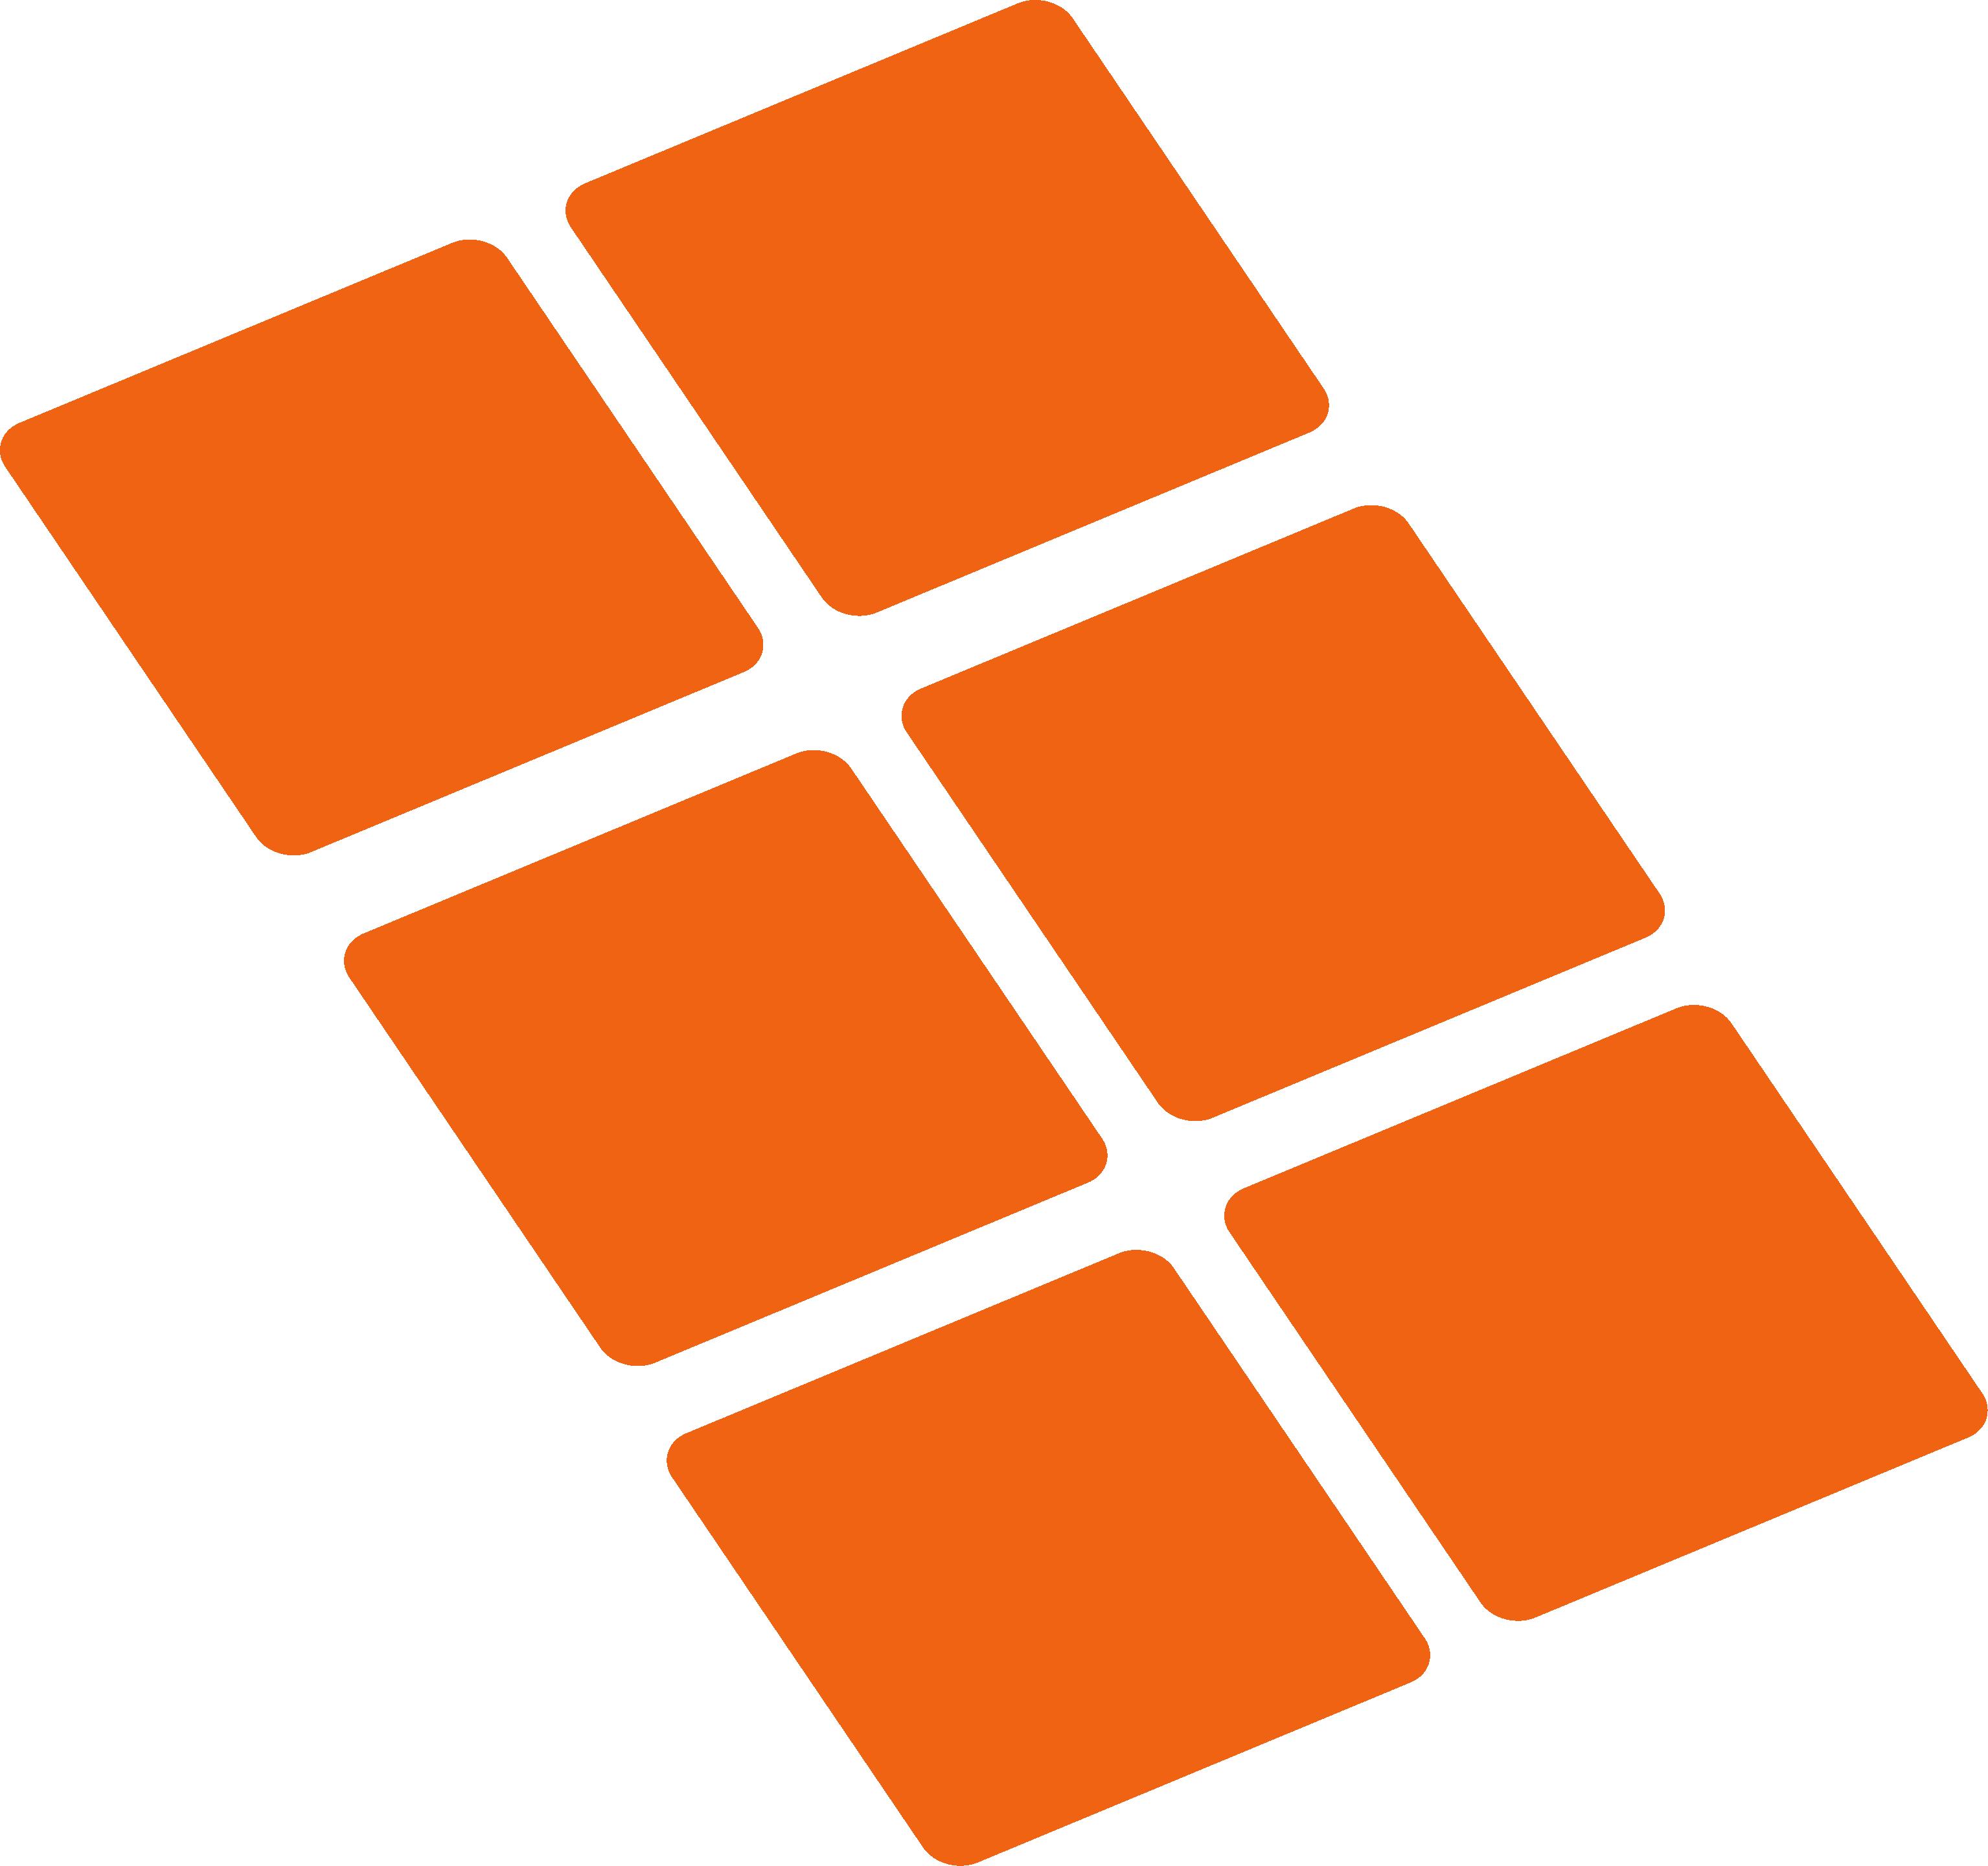 Carrelage picto - Activités